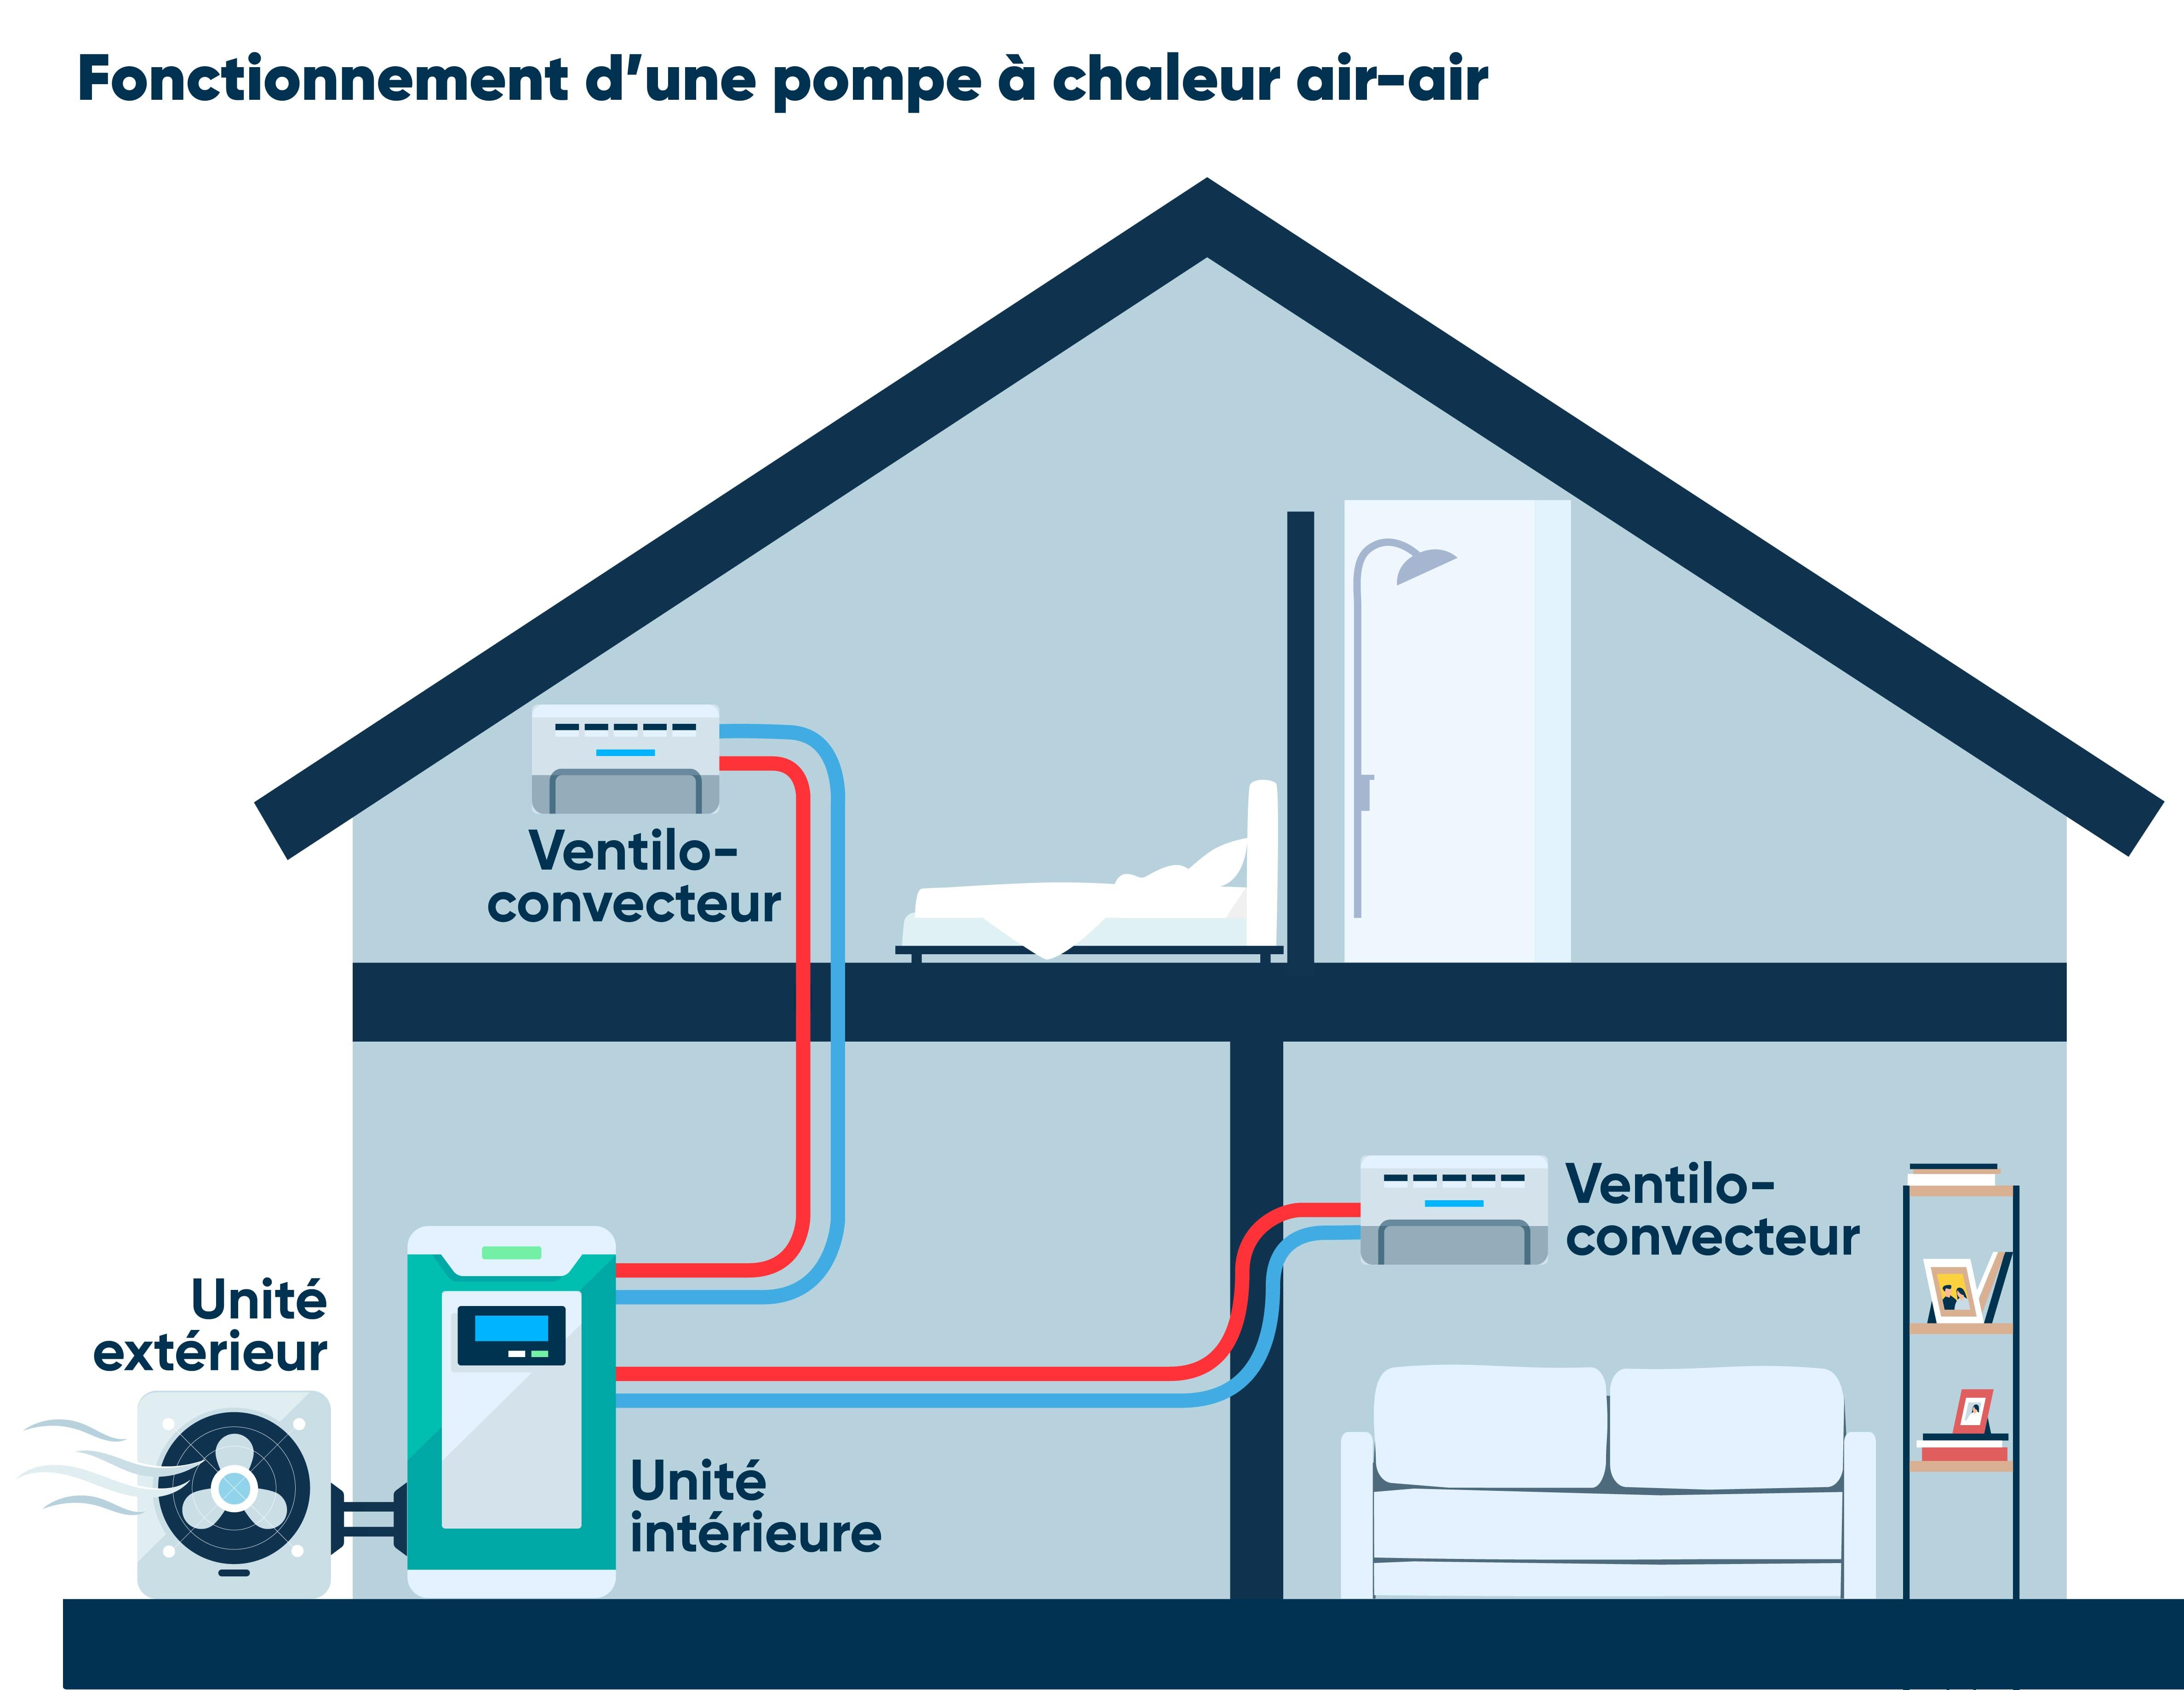 Fonctionnement pompe à chaleur air-air